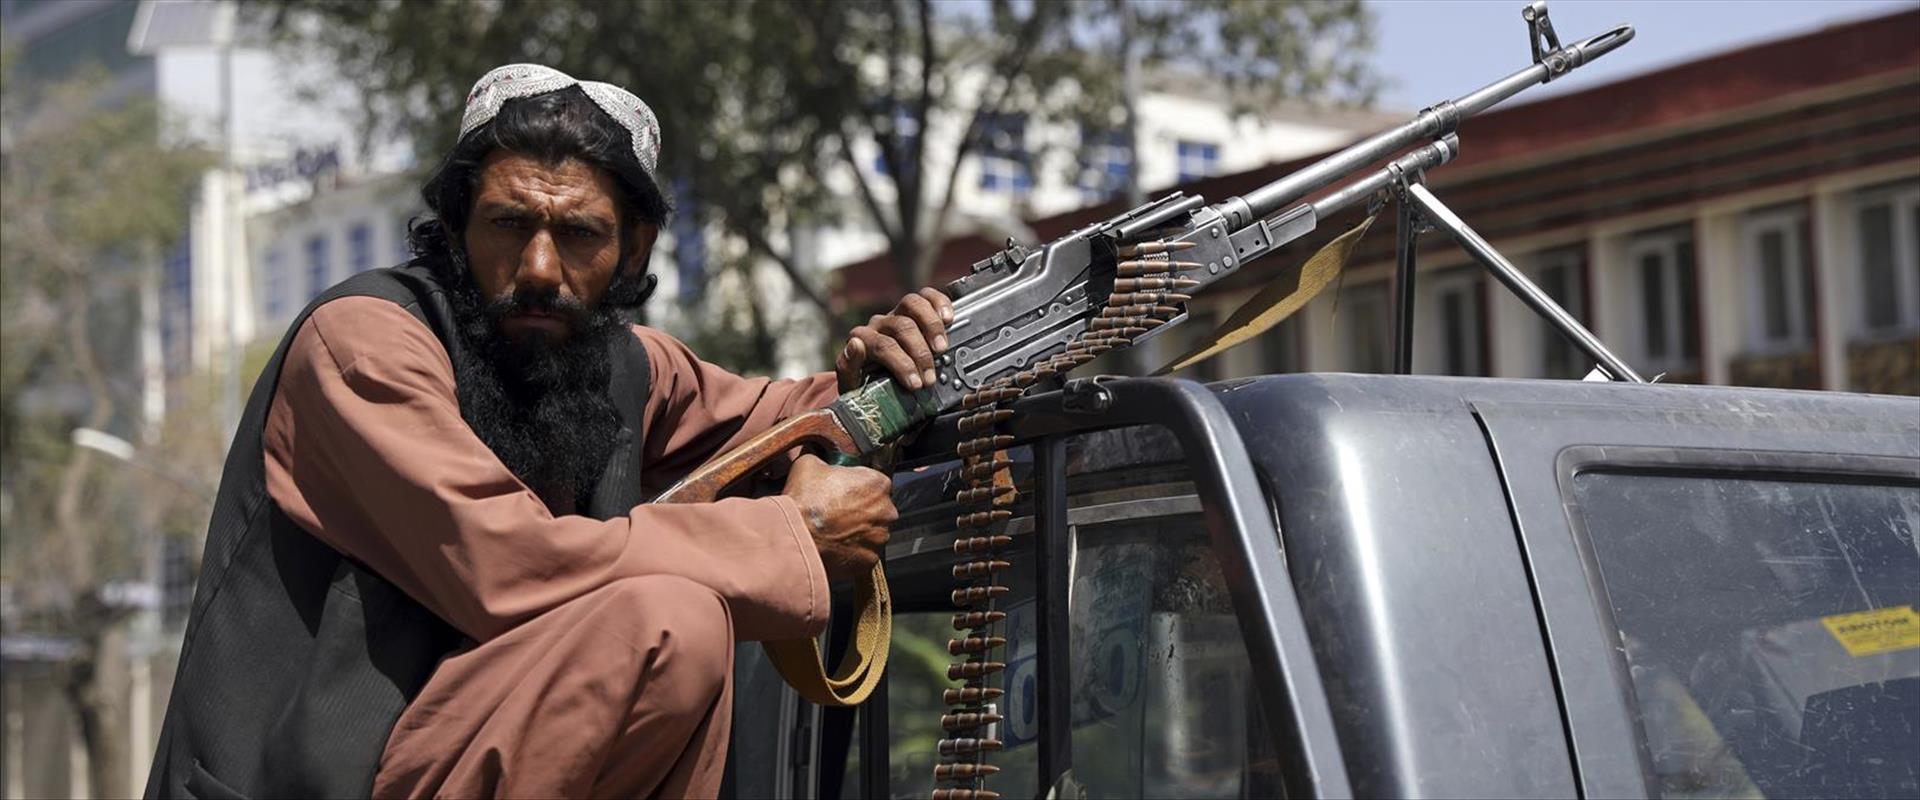 איש טליבאן ברחובות קאבול